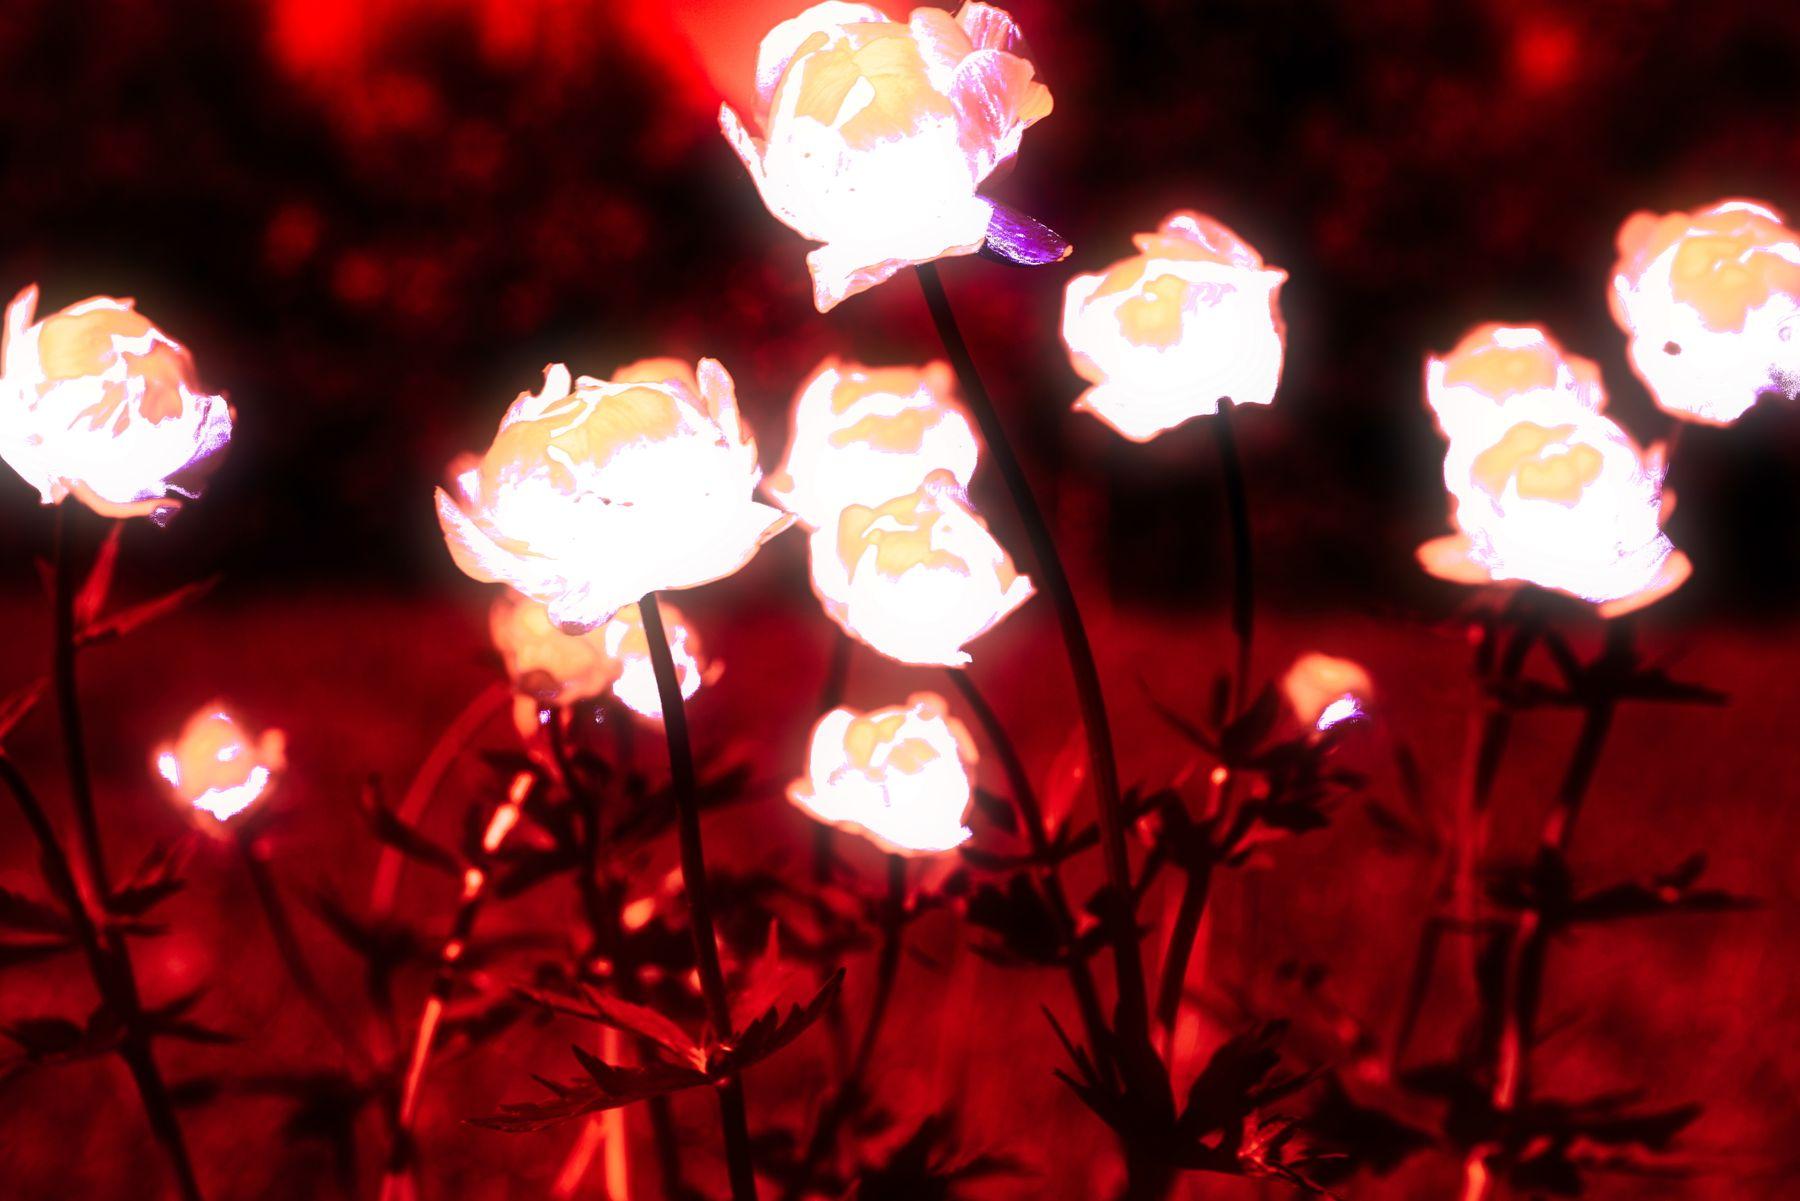 Цветы. Красный вариант